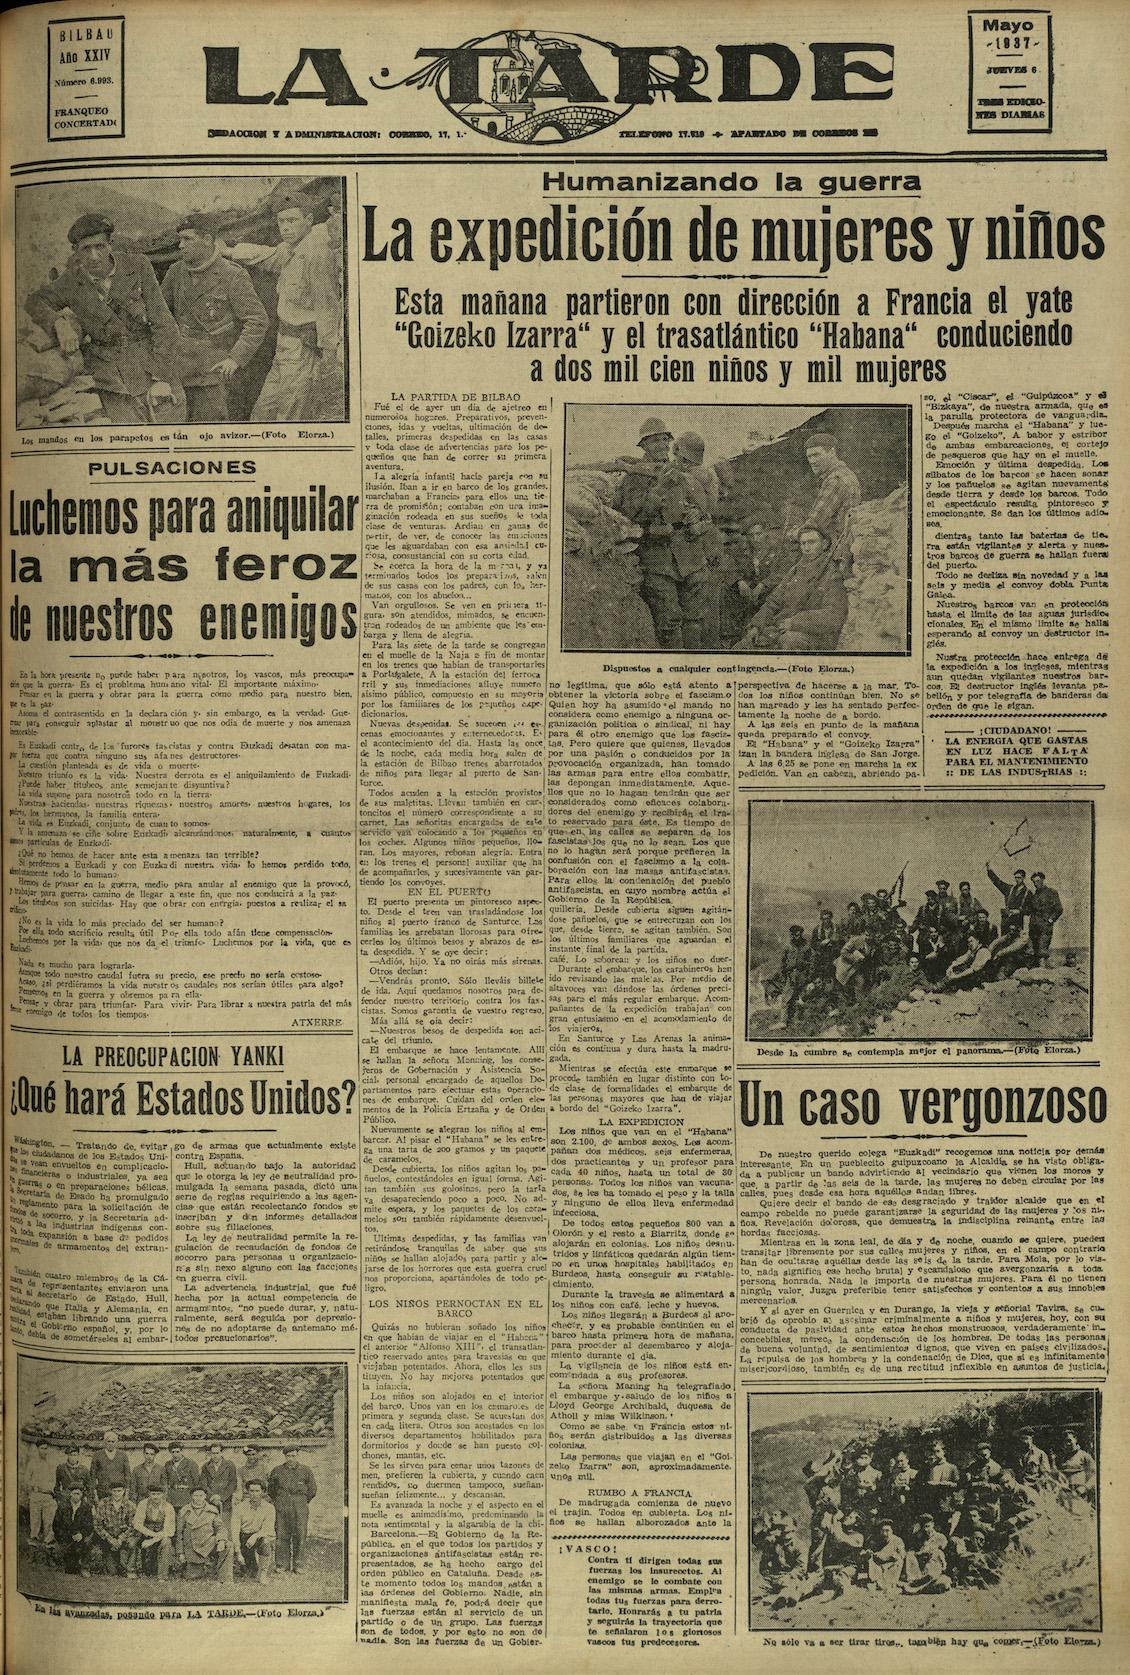 Periódico La Tarde. Bilbao, 6 de mayo de 1937.